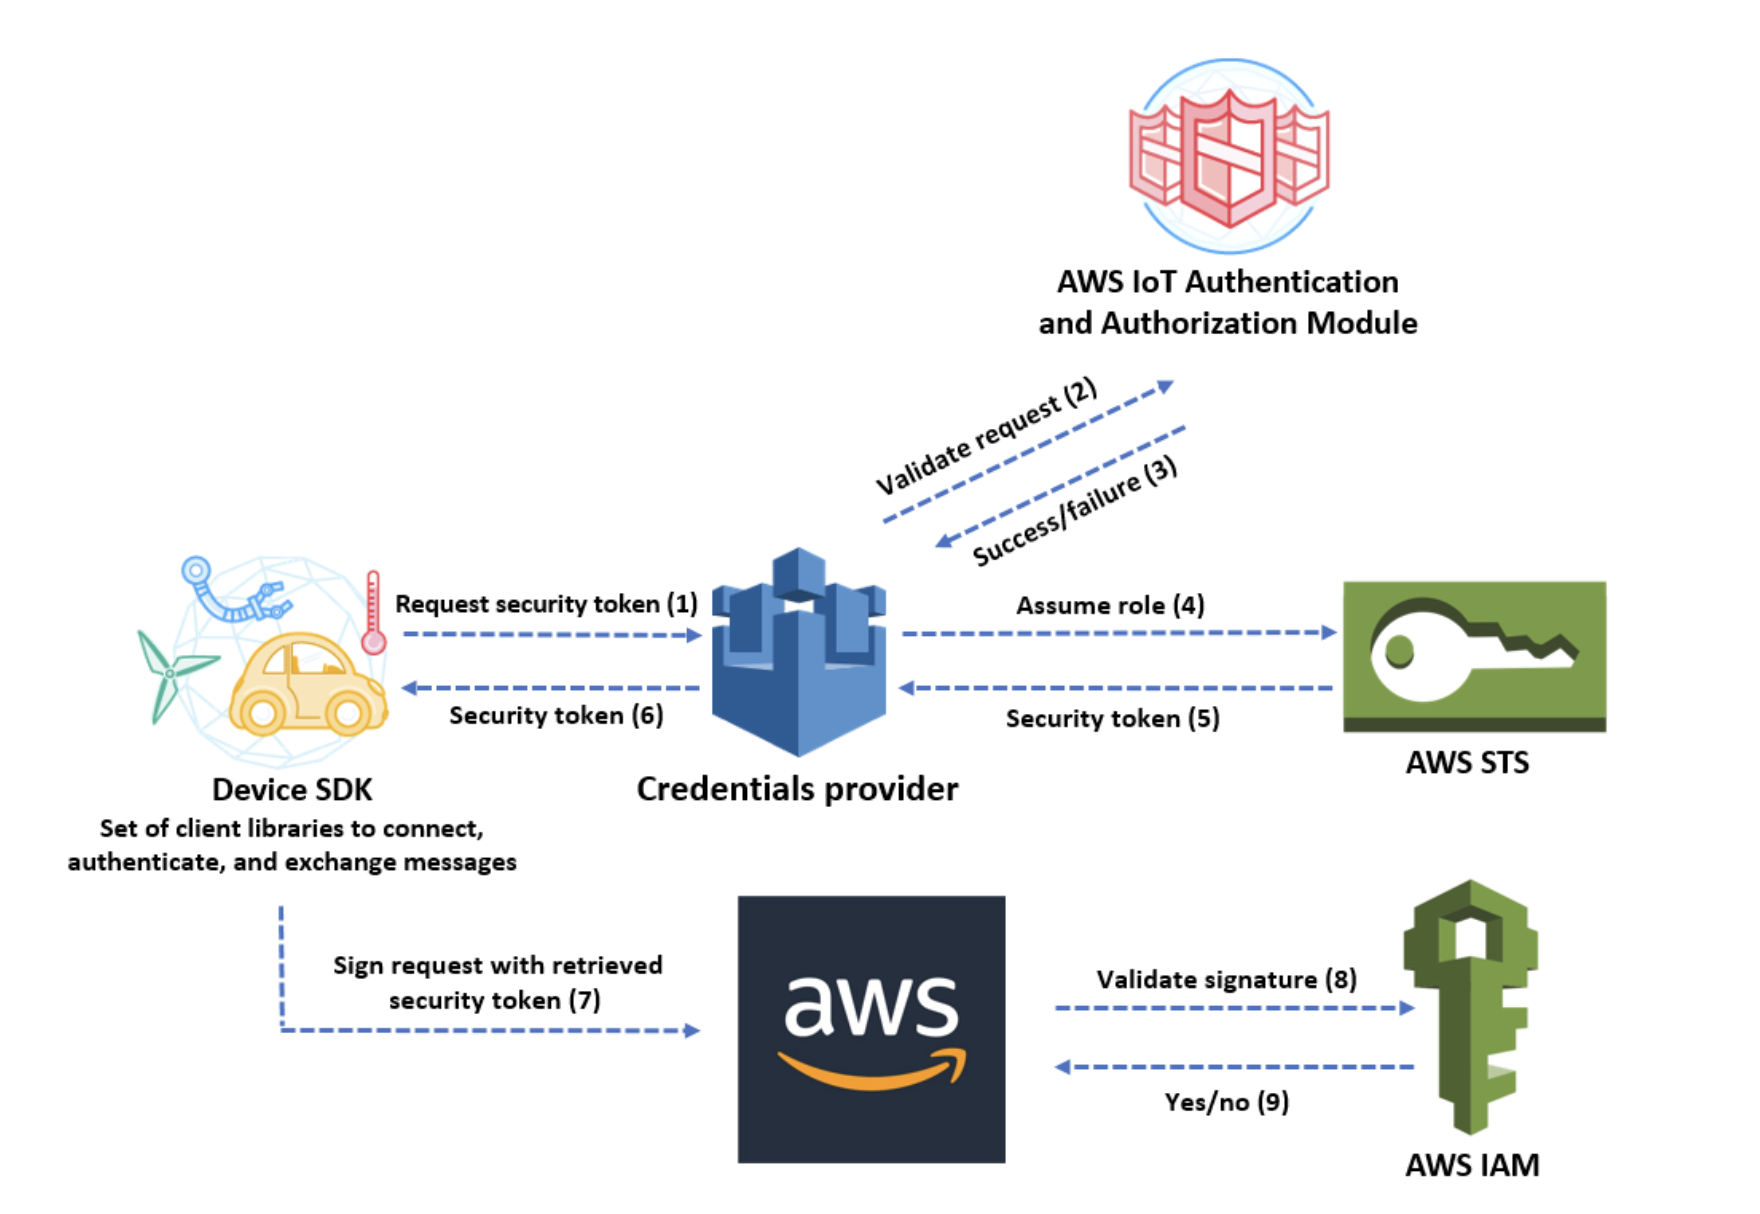 Credentials provider workflow